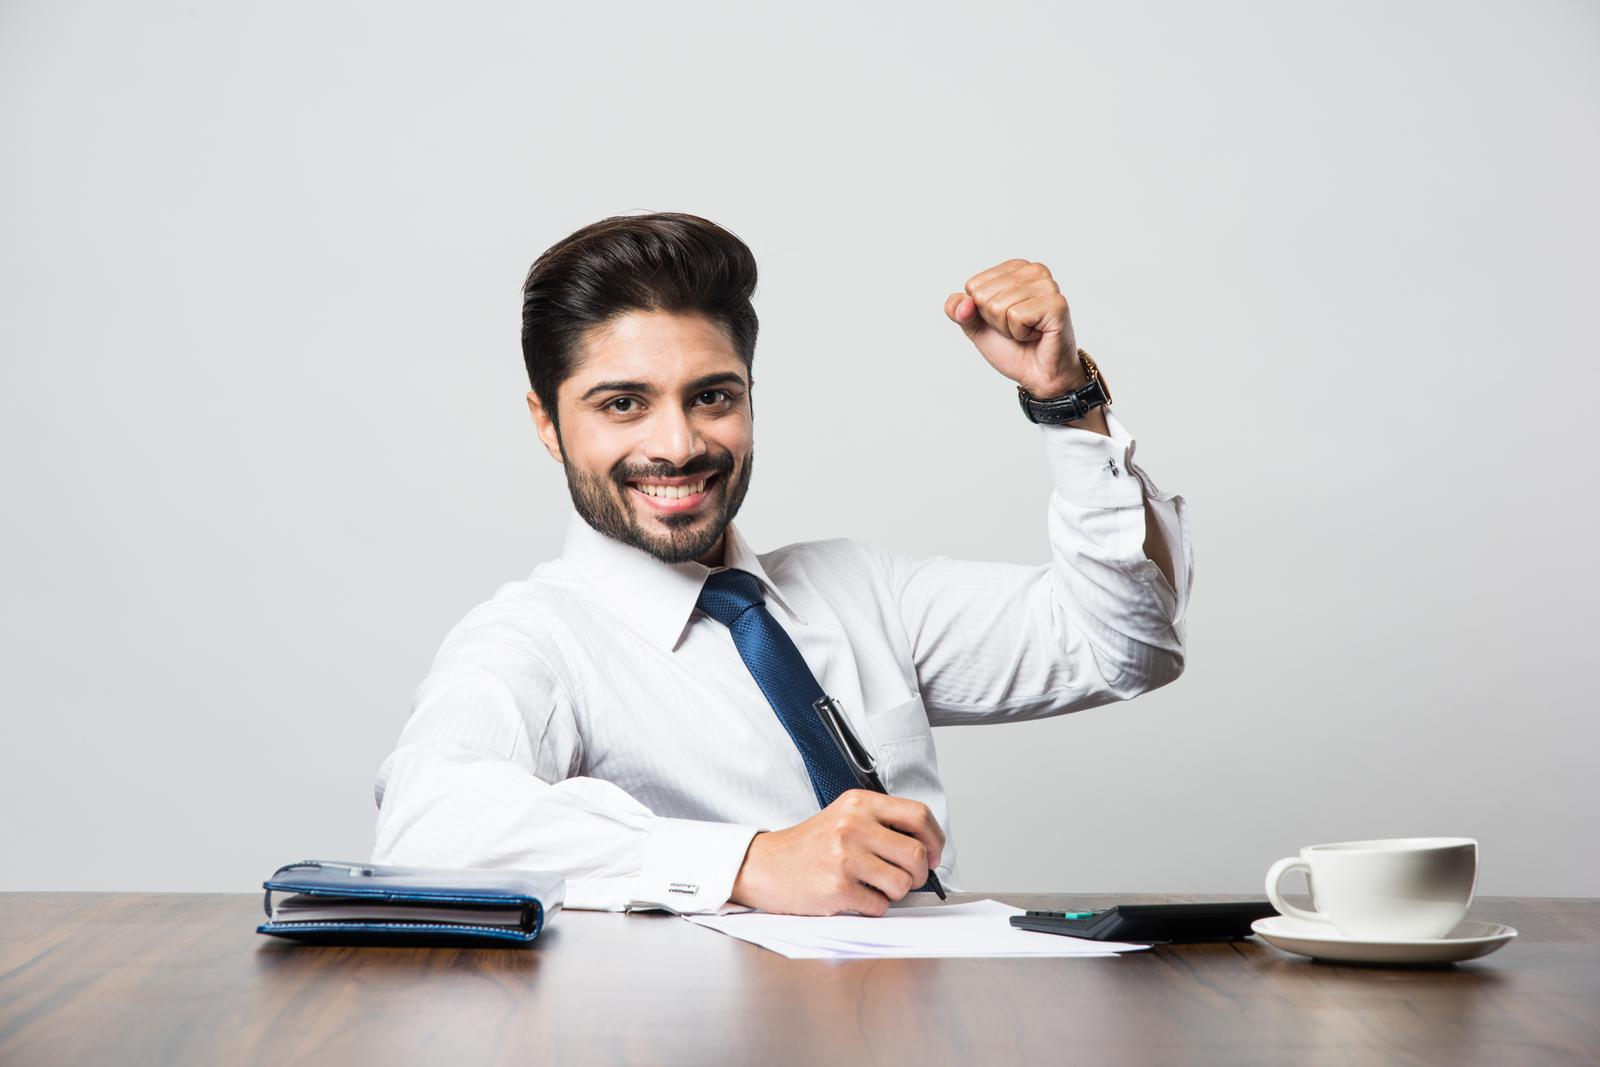 [EDLI ₹7 lakh Notification] Insurance benefits hiked